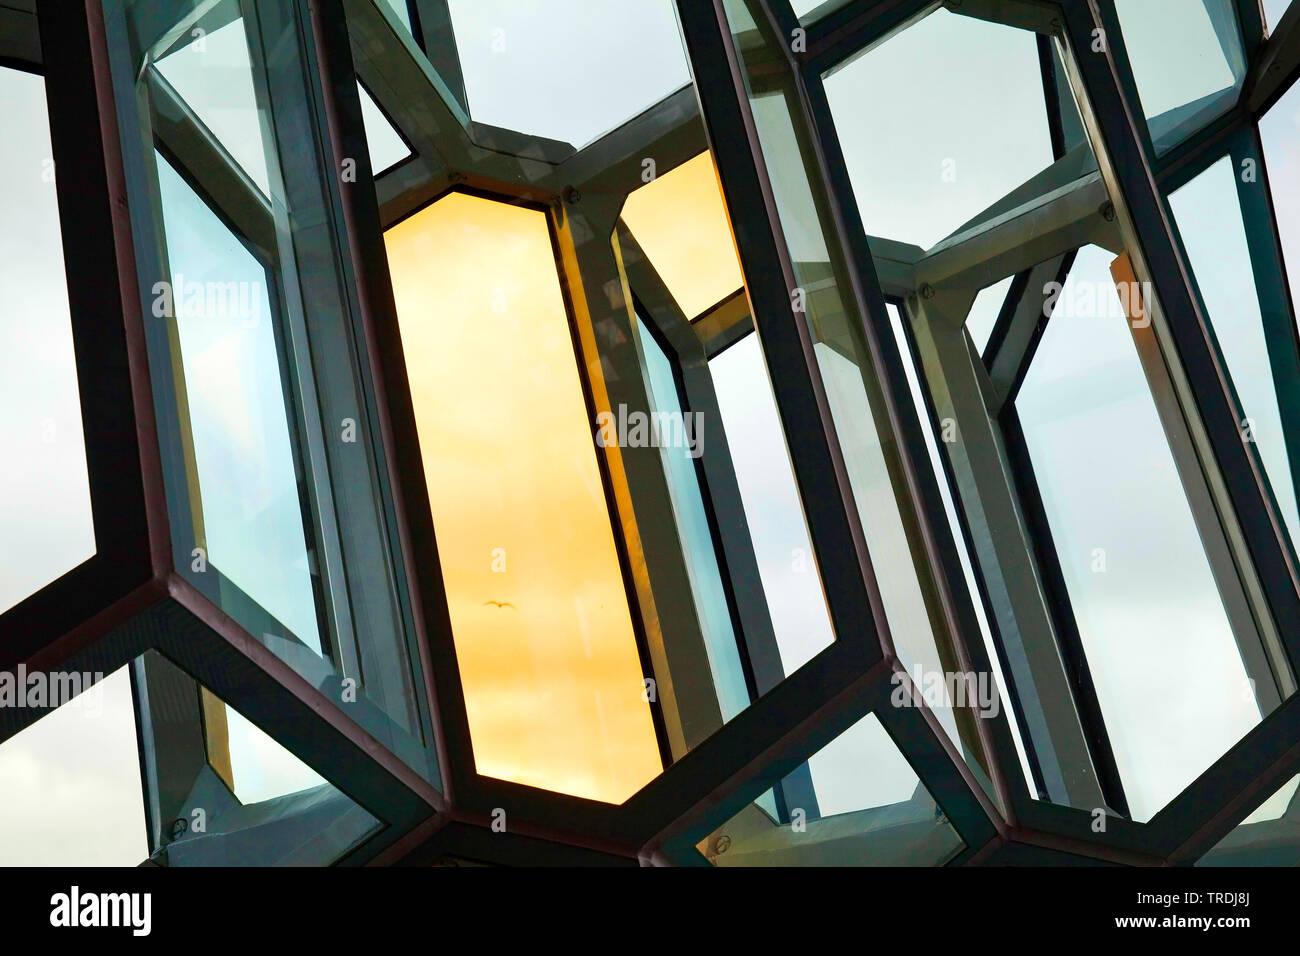 Marchetstraße der dichromatischen wabenartigen Struktur aus Glas, Konzerthaus Harpa, Island, Reykjavik   markanten farbigen Glasfassade von Harpa co Stockbild